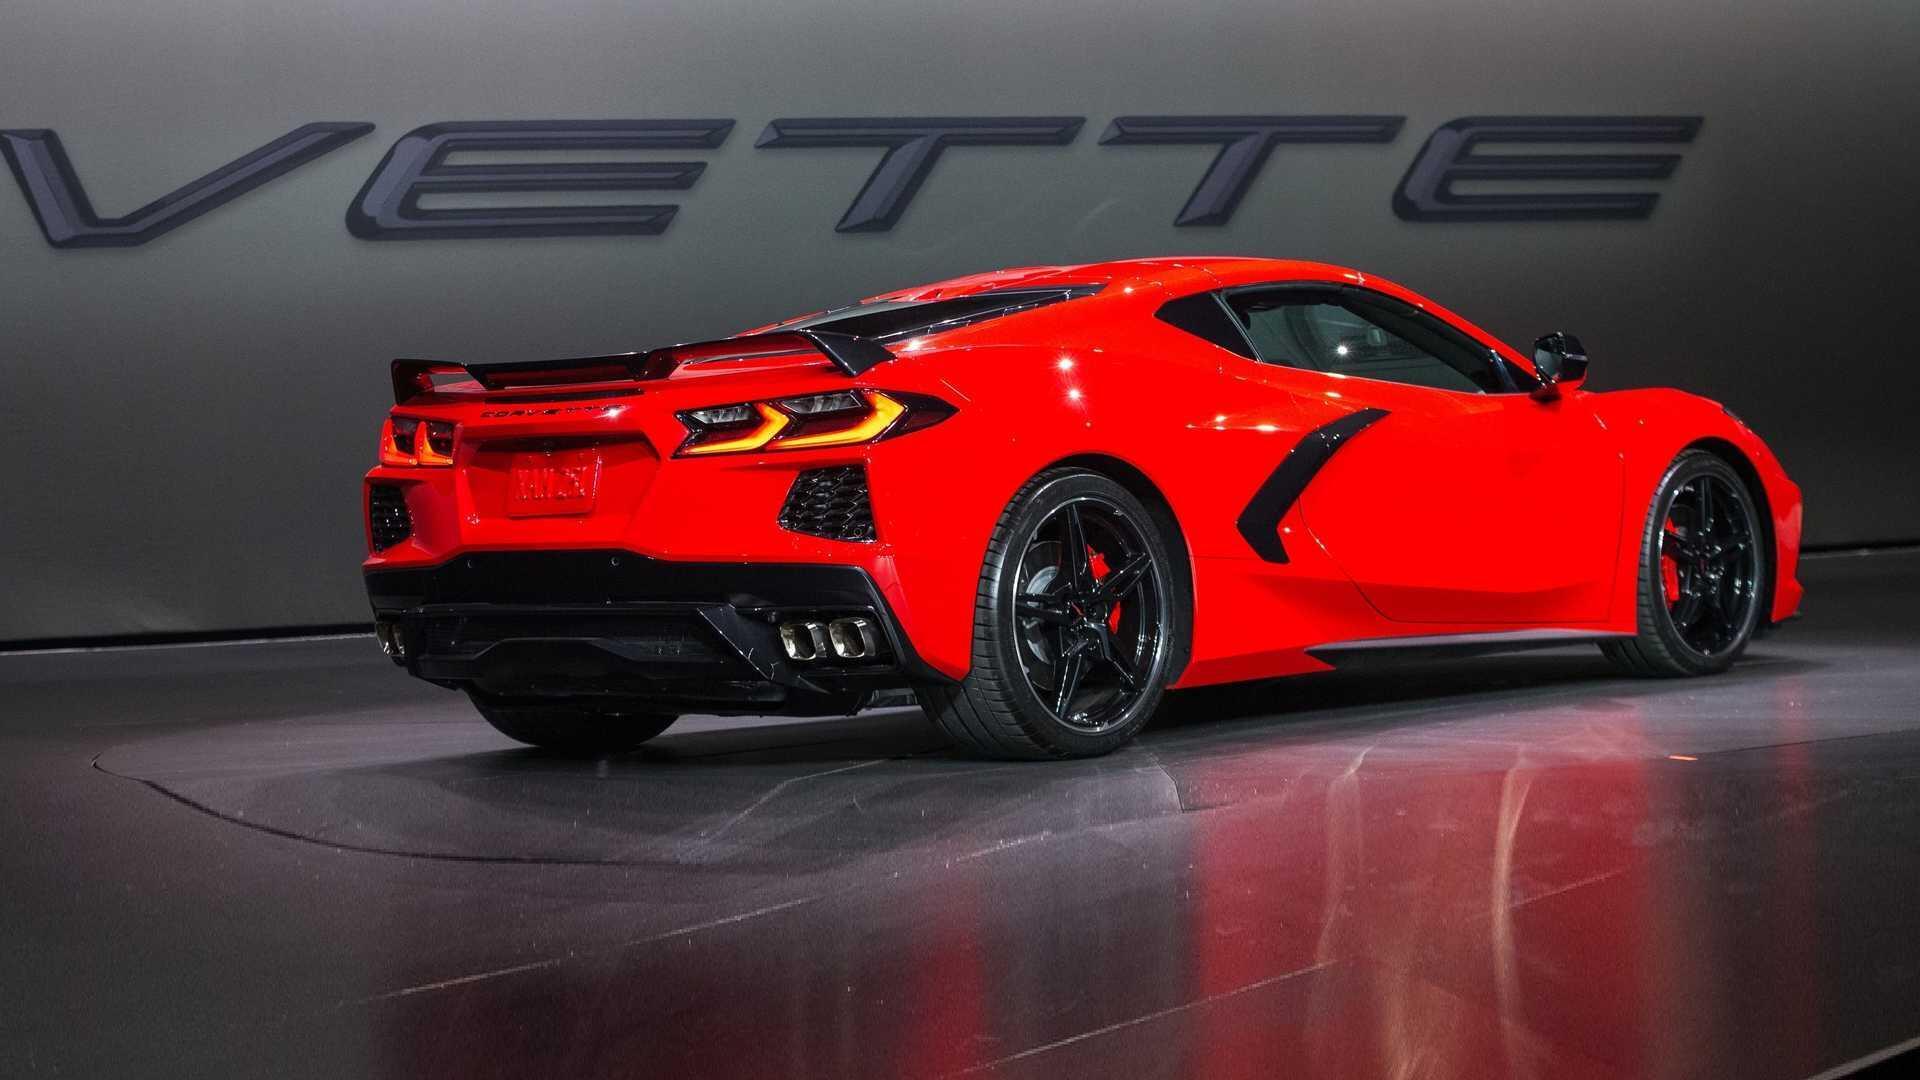 https://cdn.dailyxe.com.vn/image/chevrolet-corvette-2020-co-mot-so-tinh-nang-an-tuyet-voi-7-94512j2.jpg